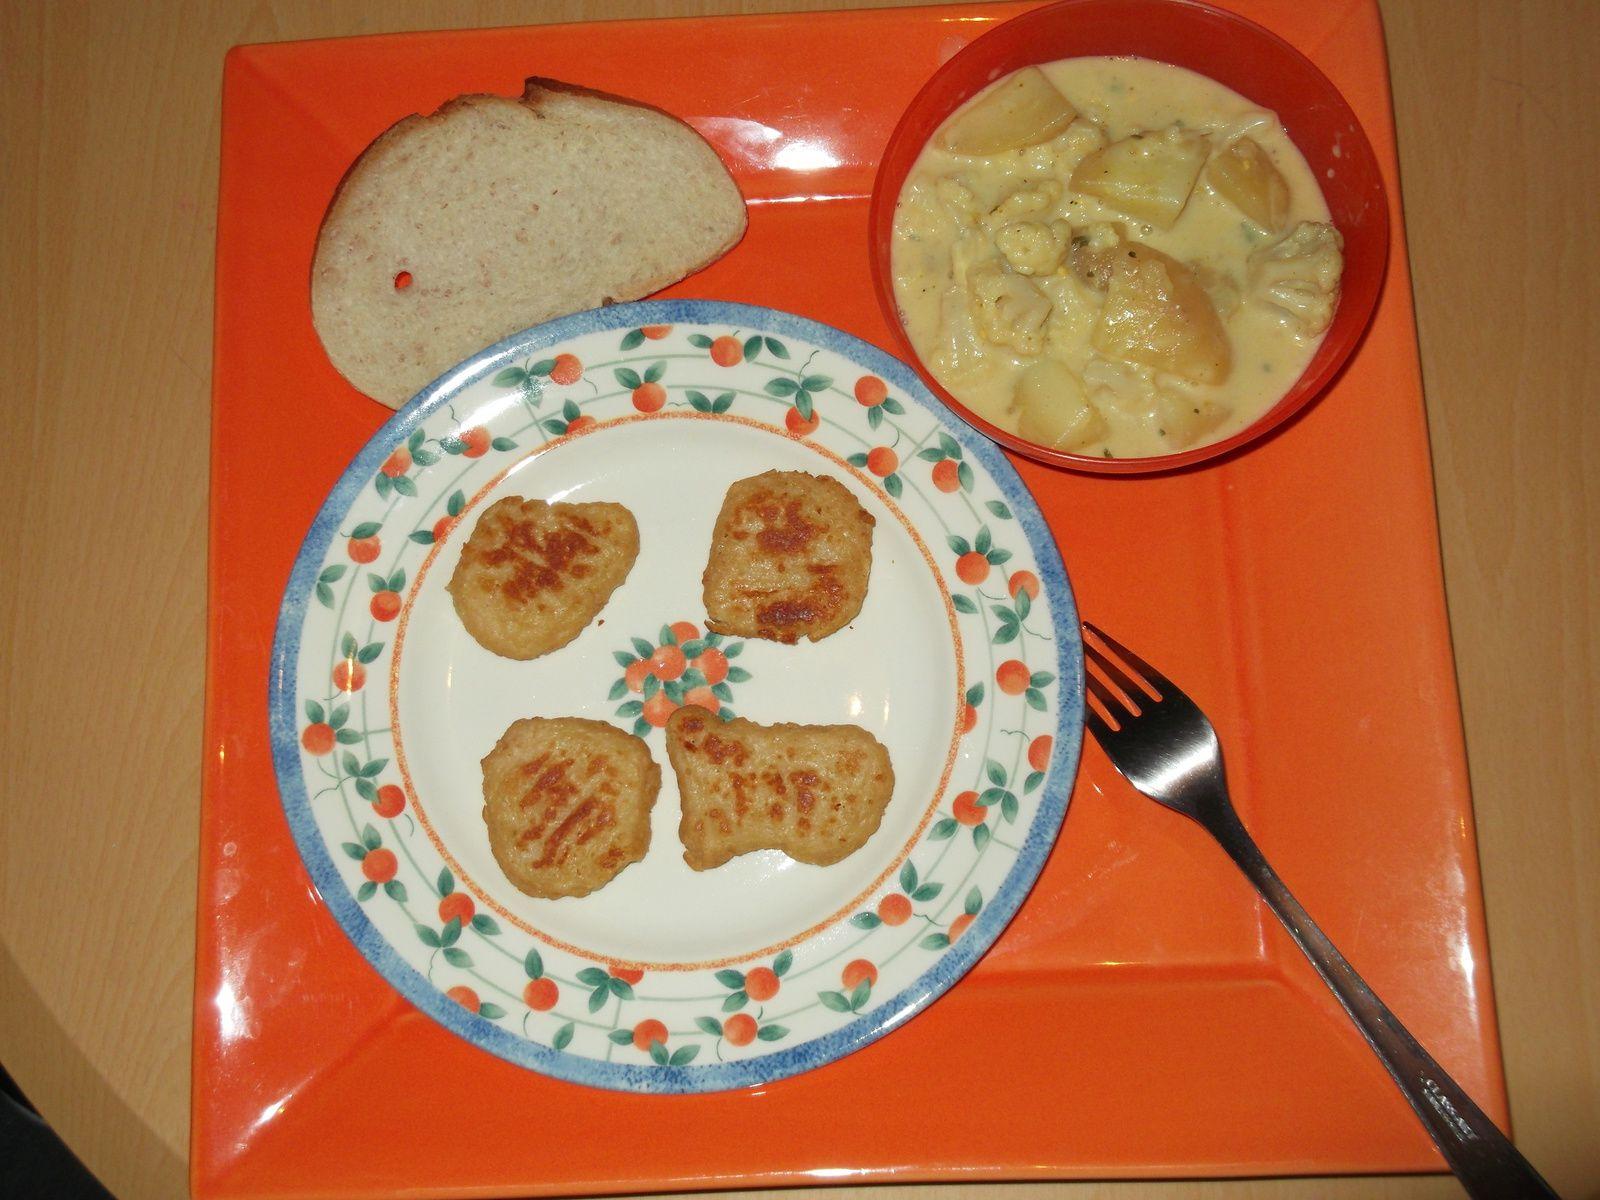 nuggets de poulet accompagnés de choux fleur et pommes de terre sauce curry